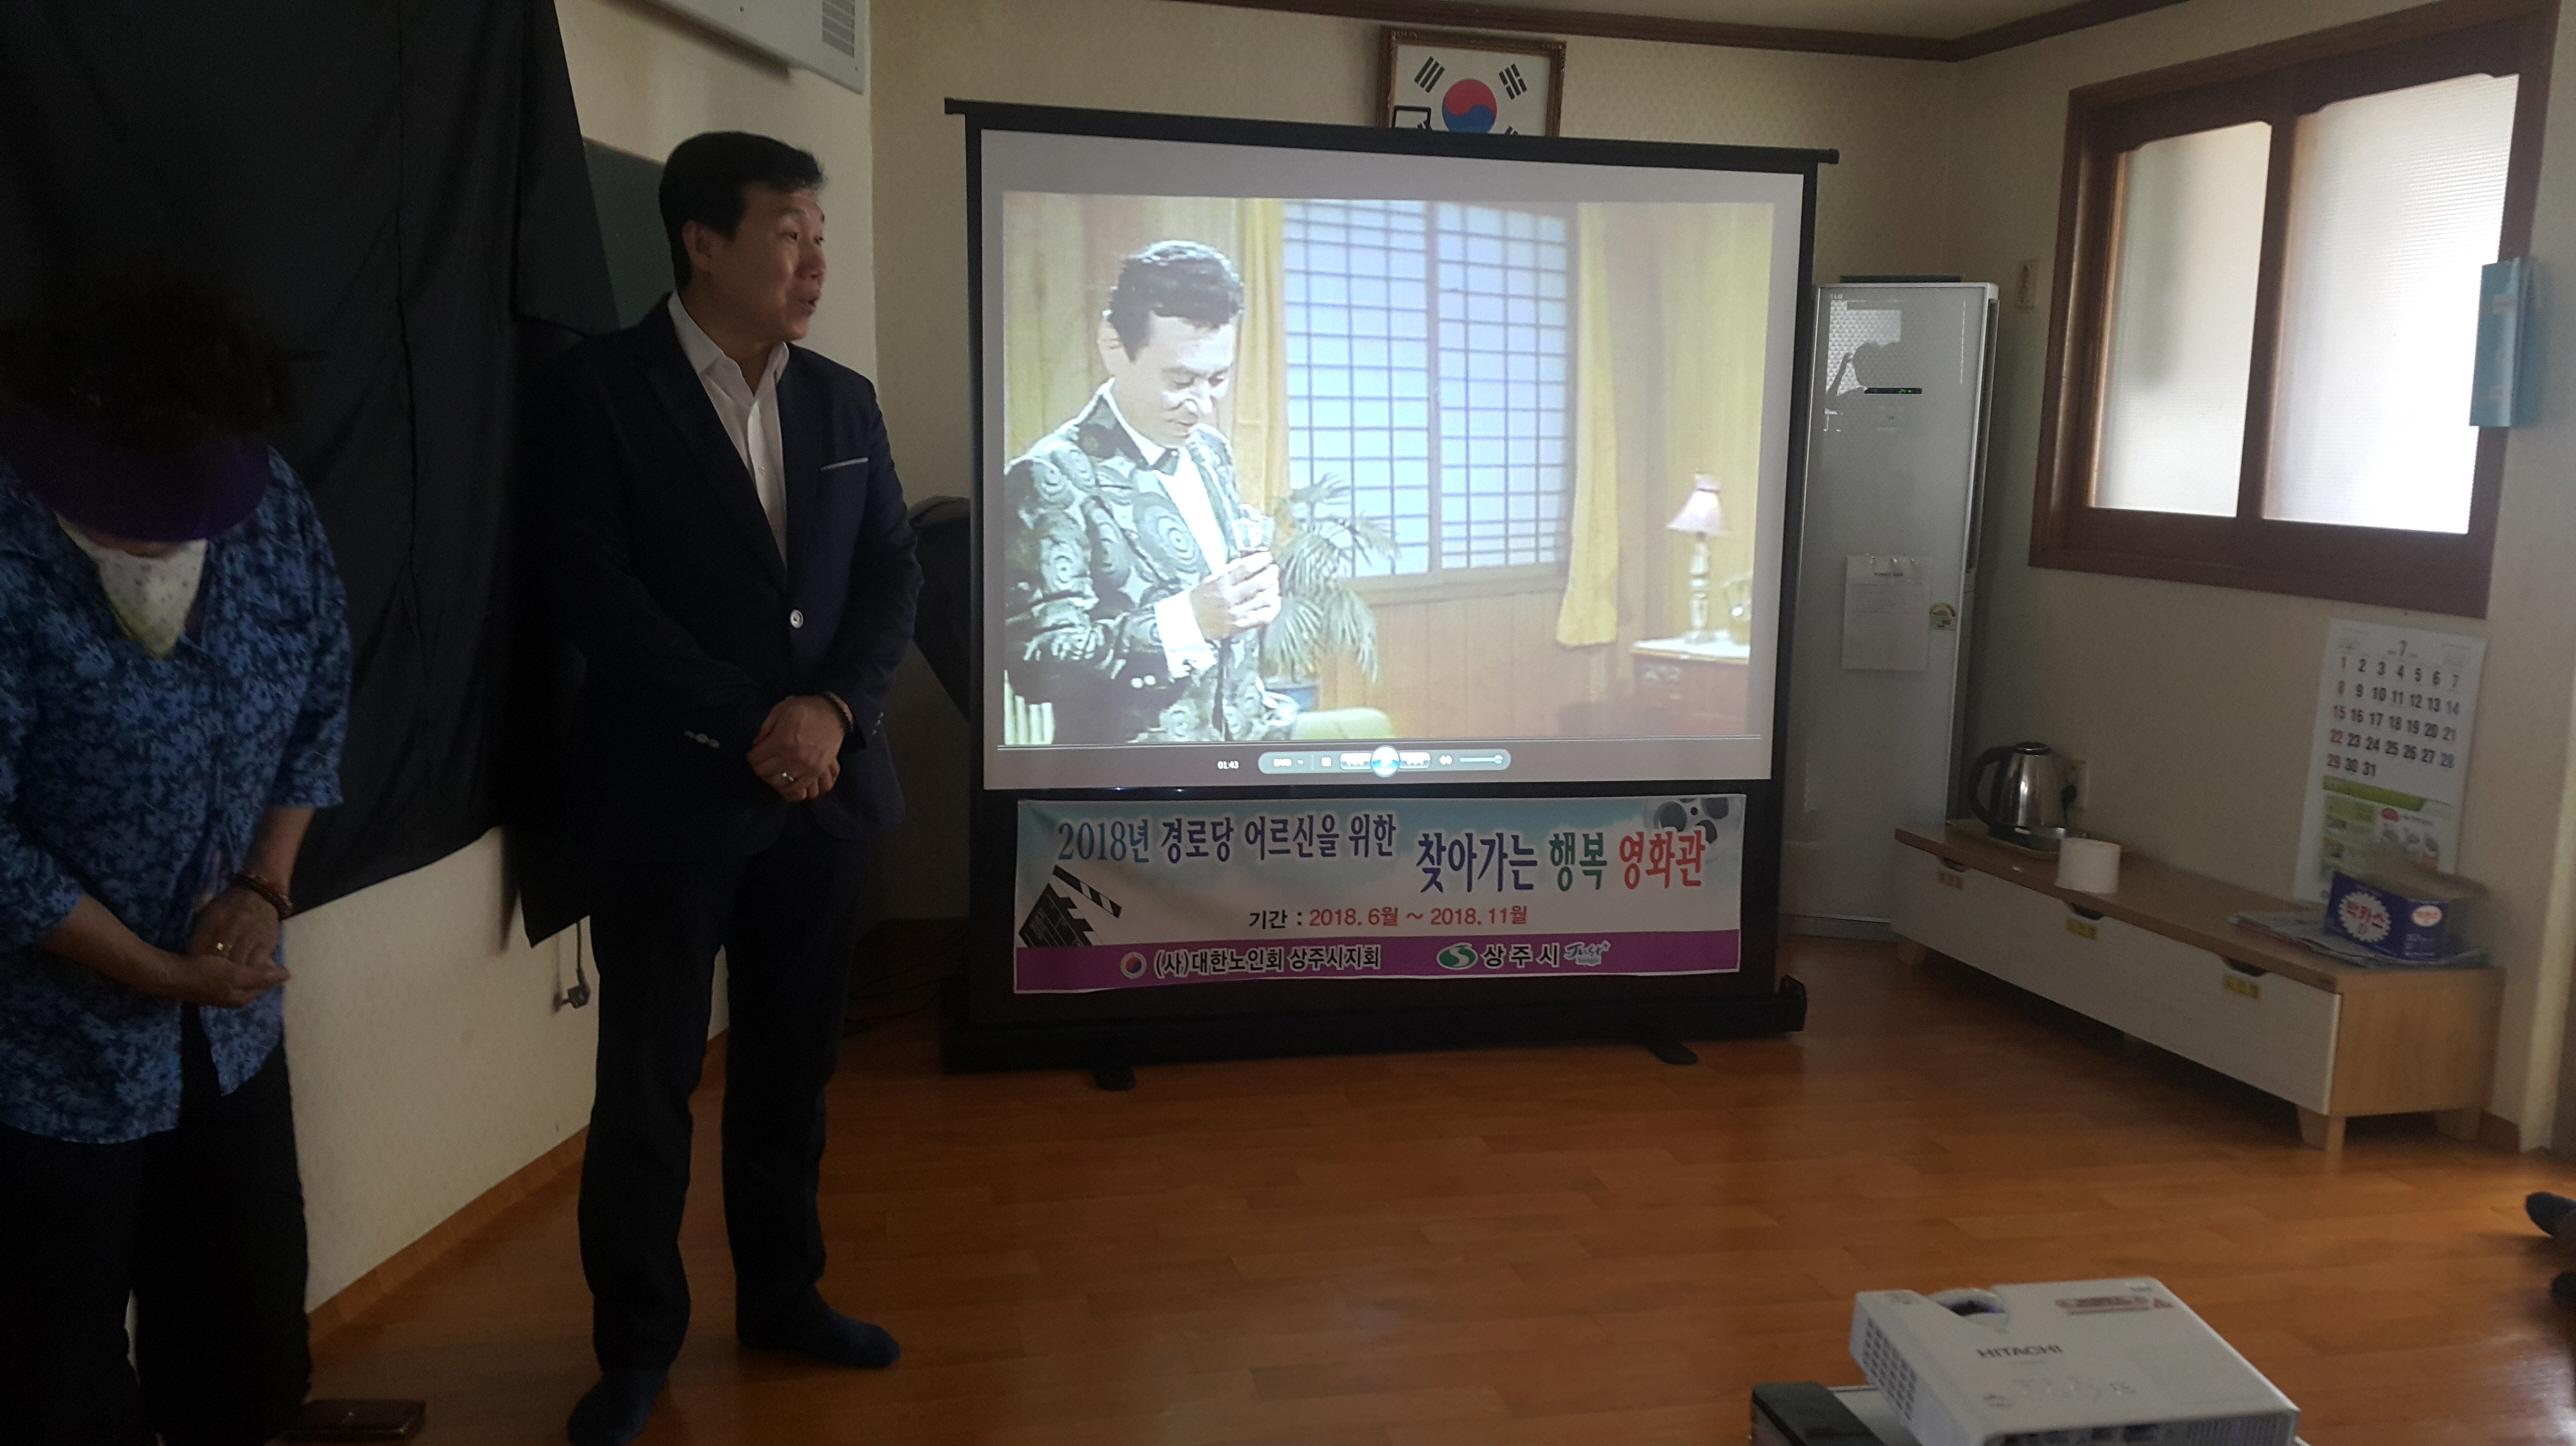 [신흥동]'미워도 다시한번'추억여행 떠나요!.jpg